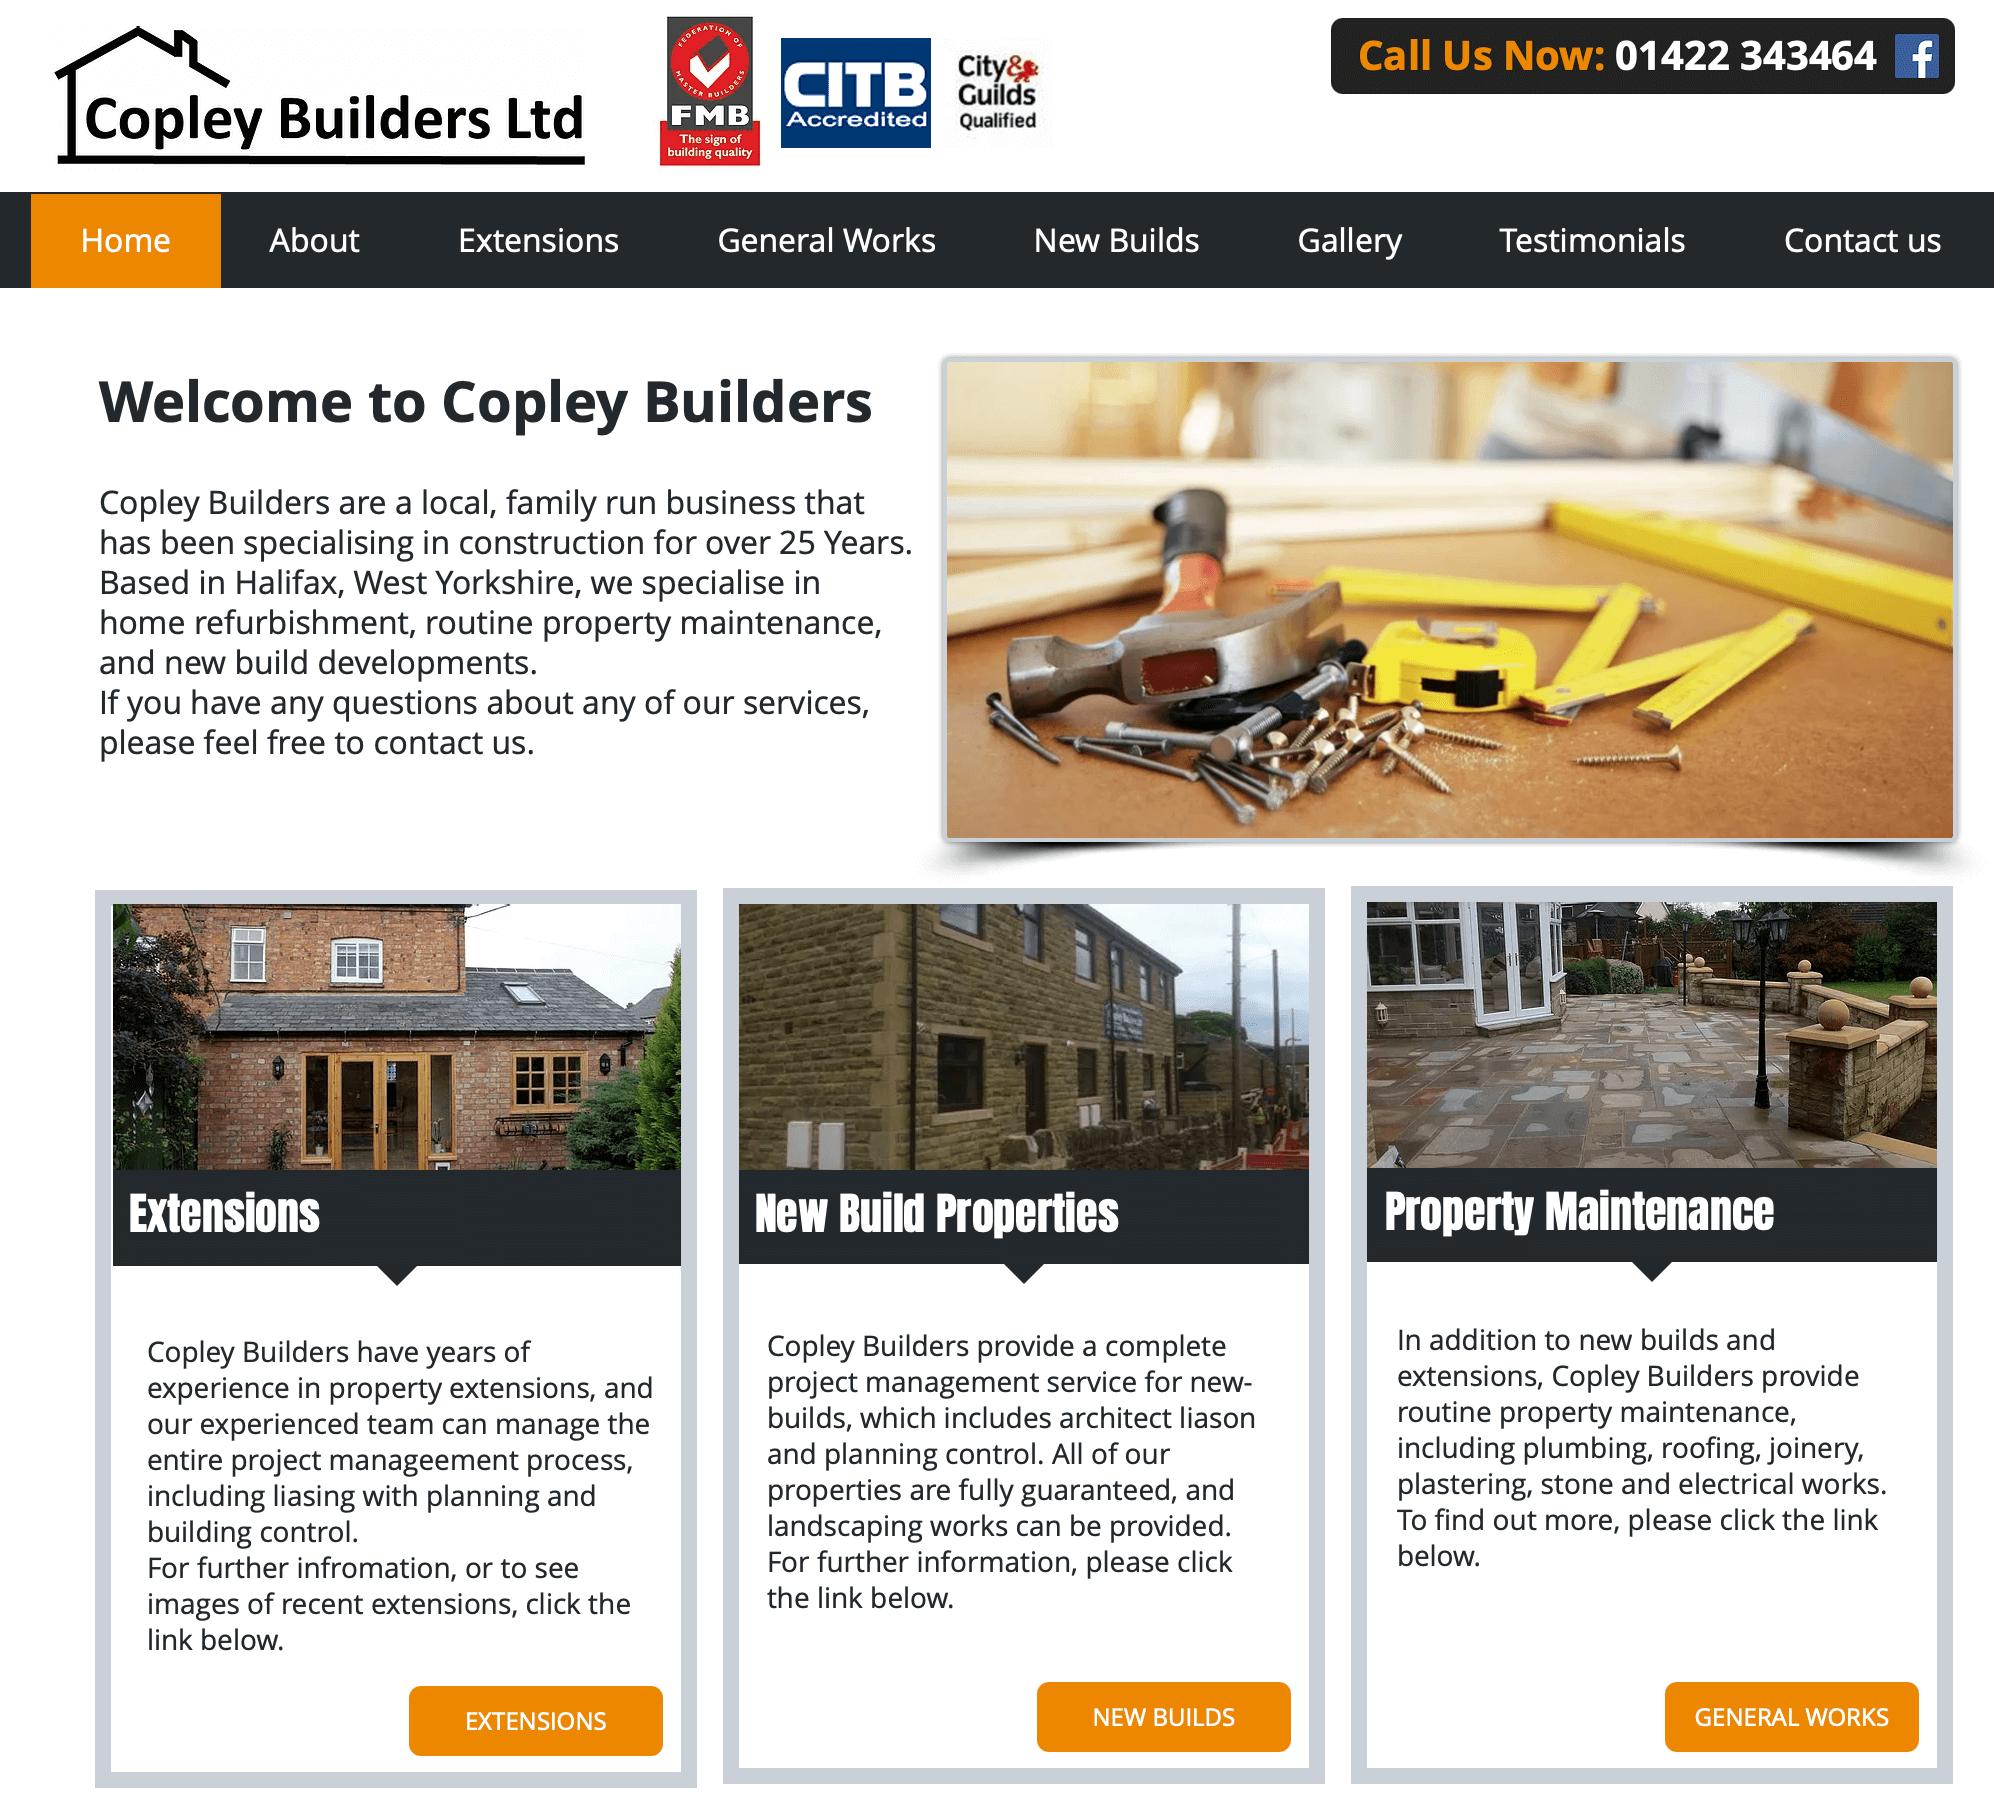 Copley Builders